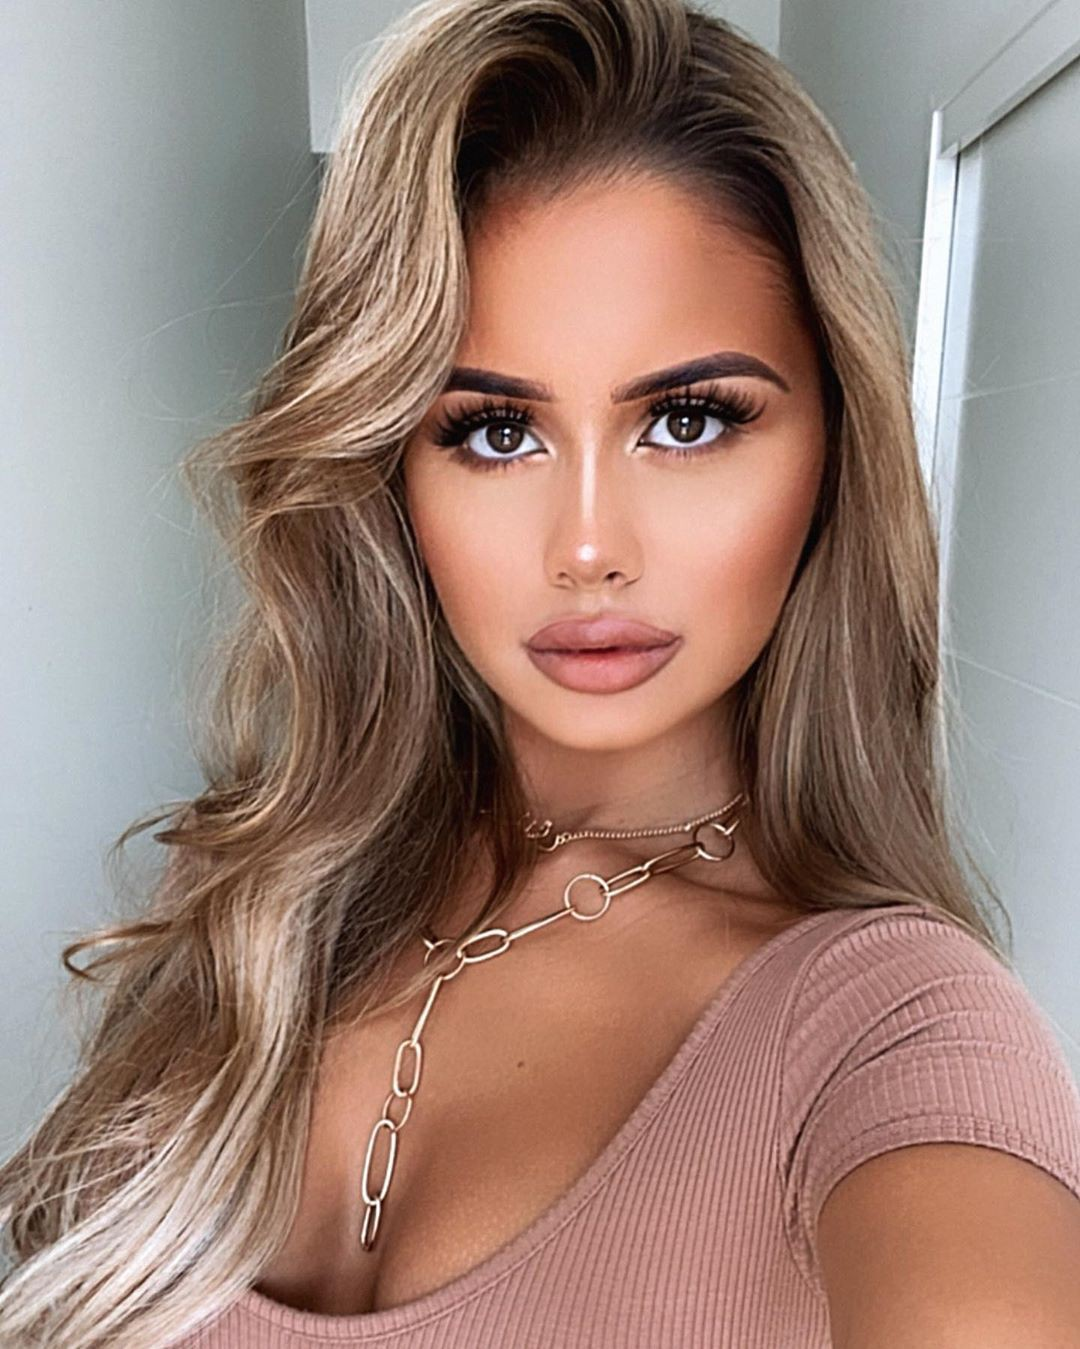 Tarsha Olarte cute blond hairs, Face Makeup Ideas, Beautiful Lips